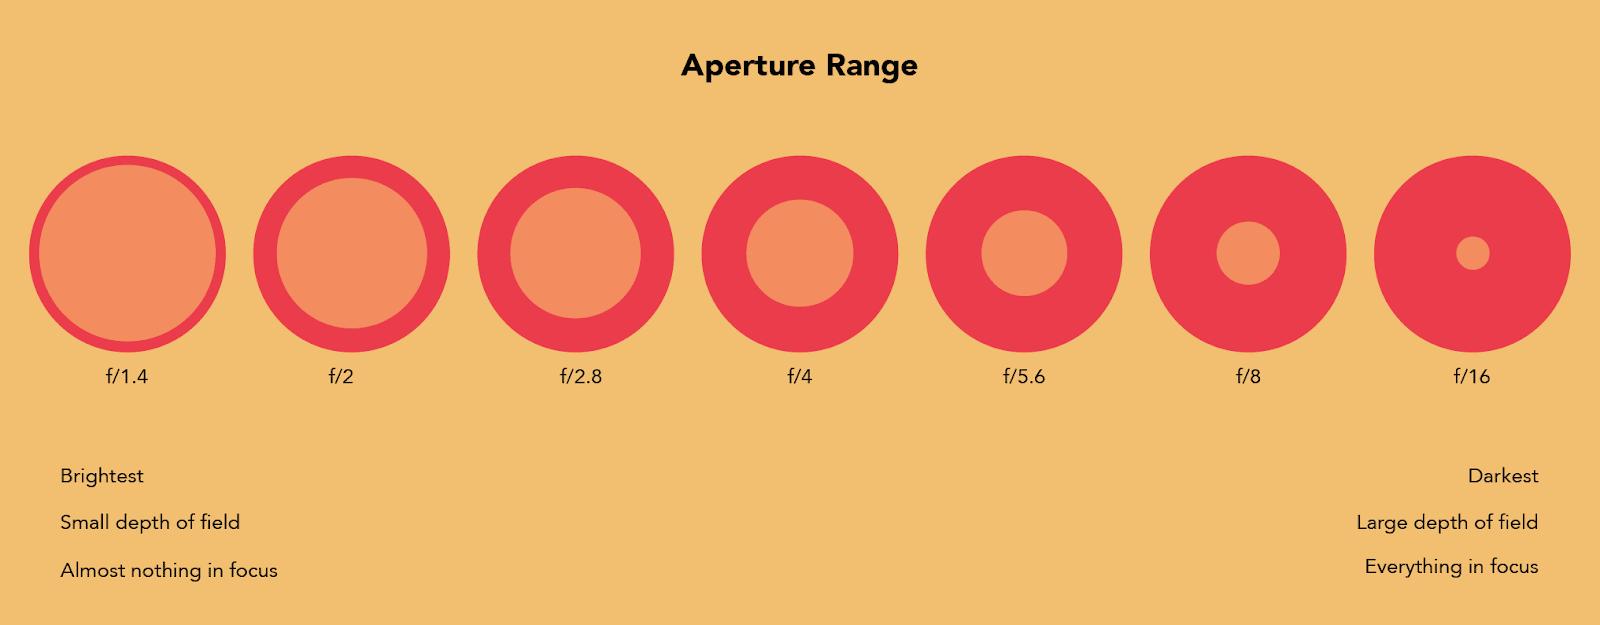 aperature range